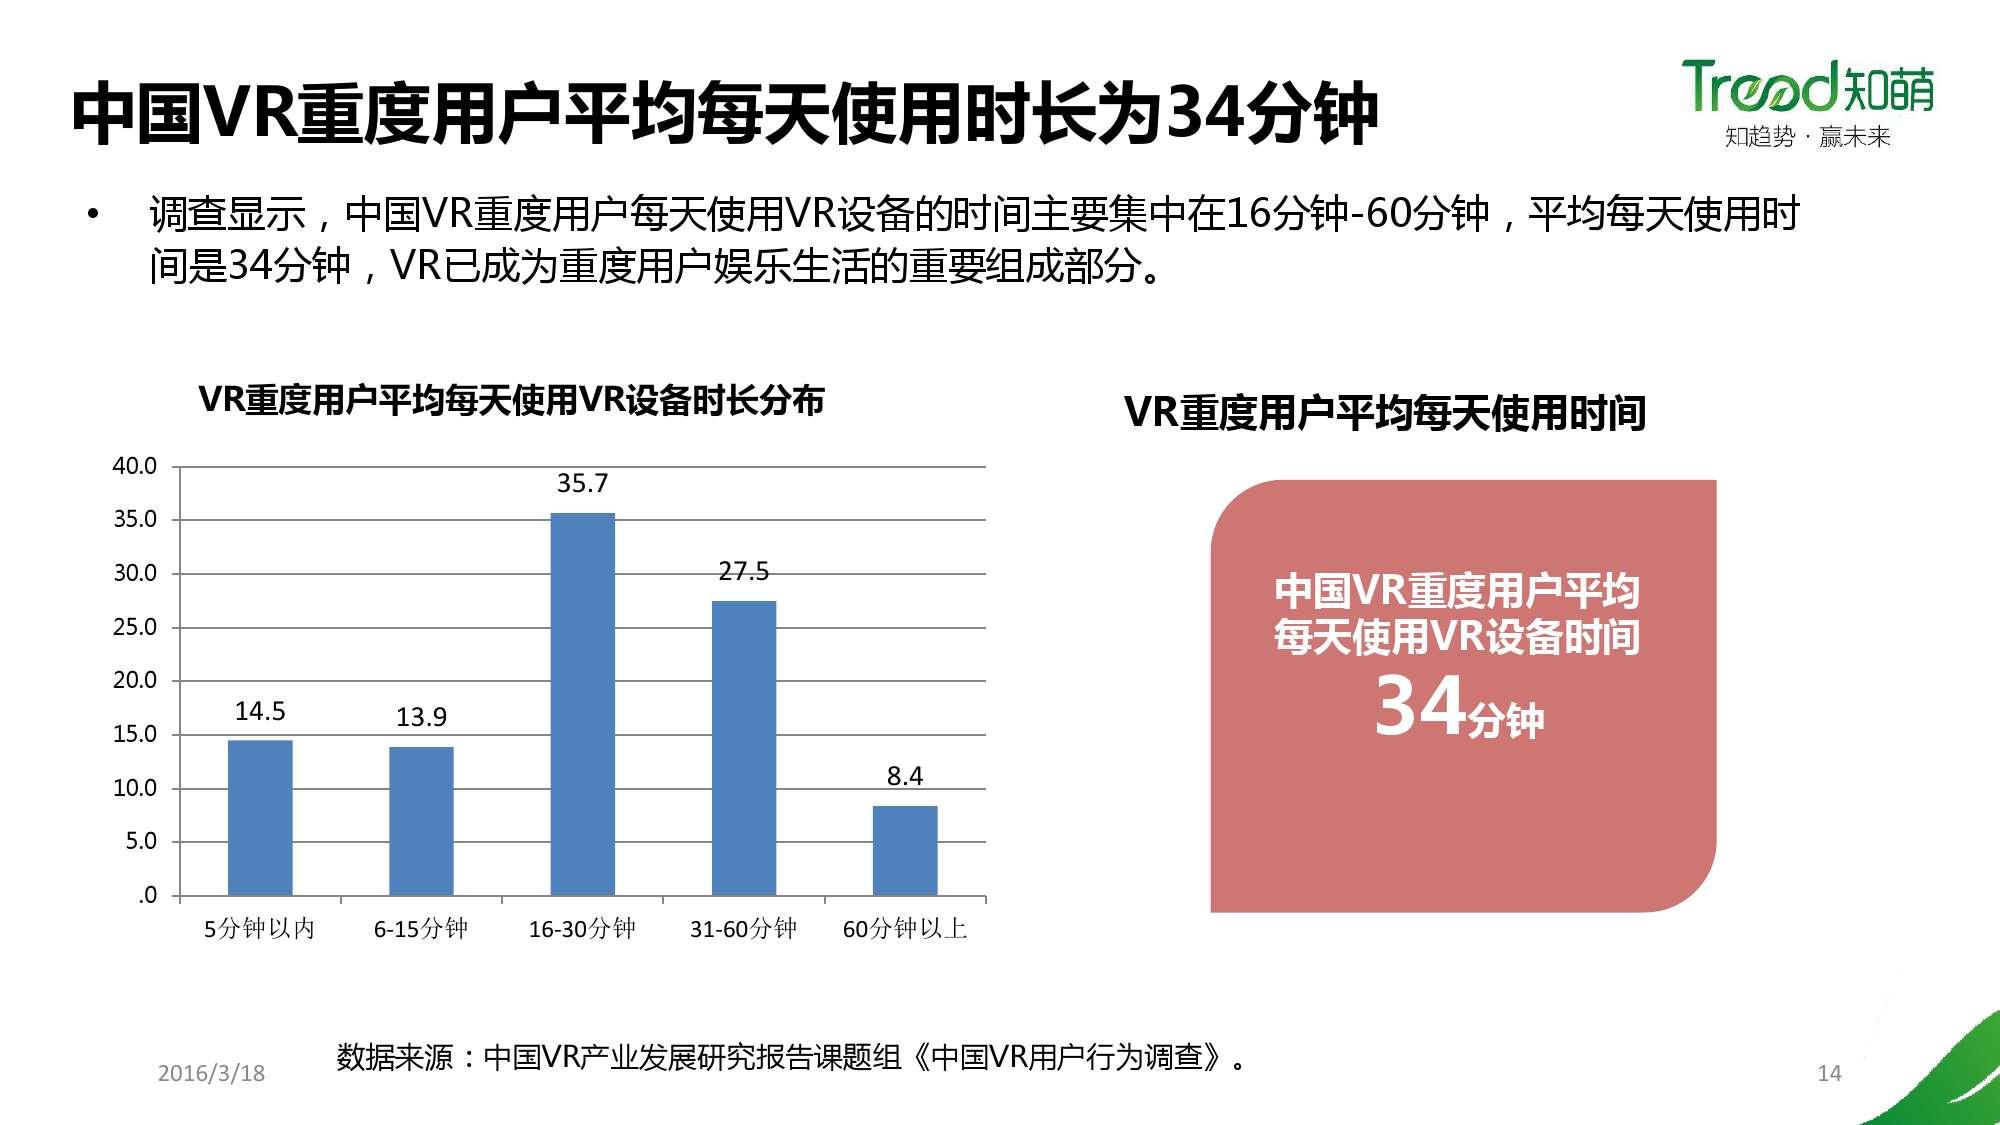 中国VR用户行为研究报告_000014